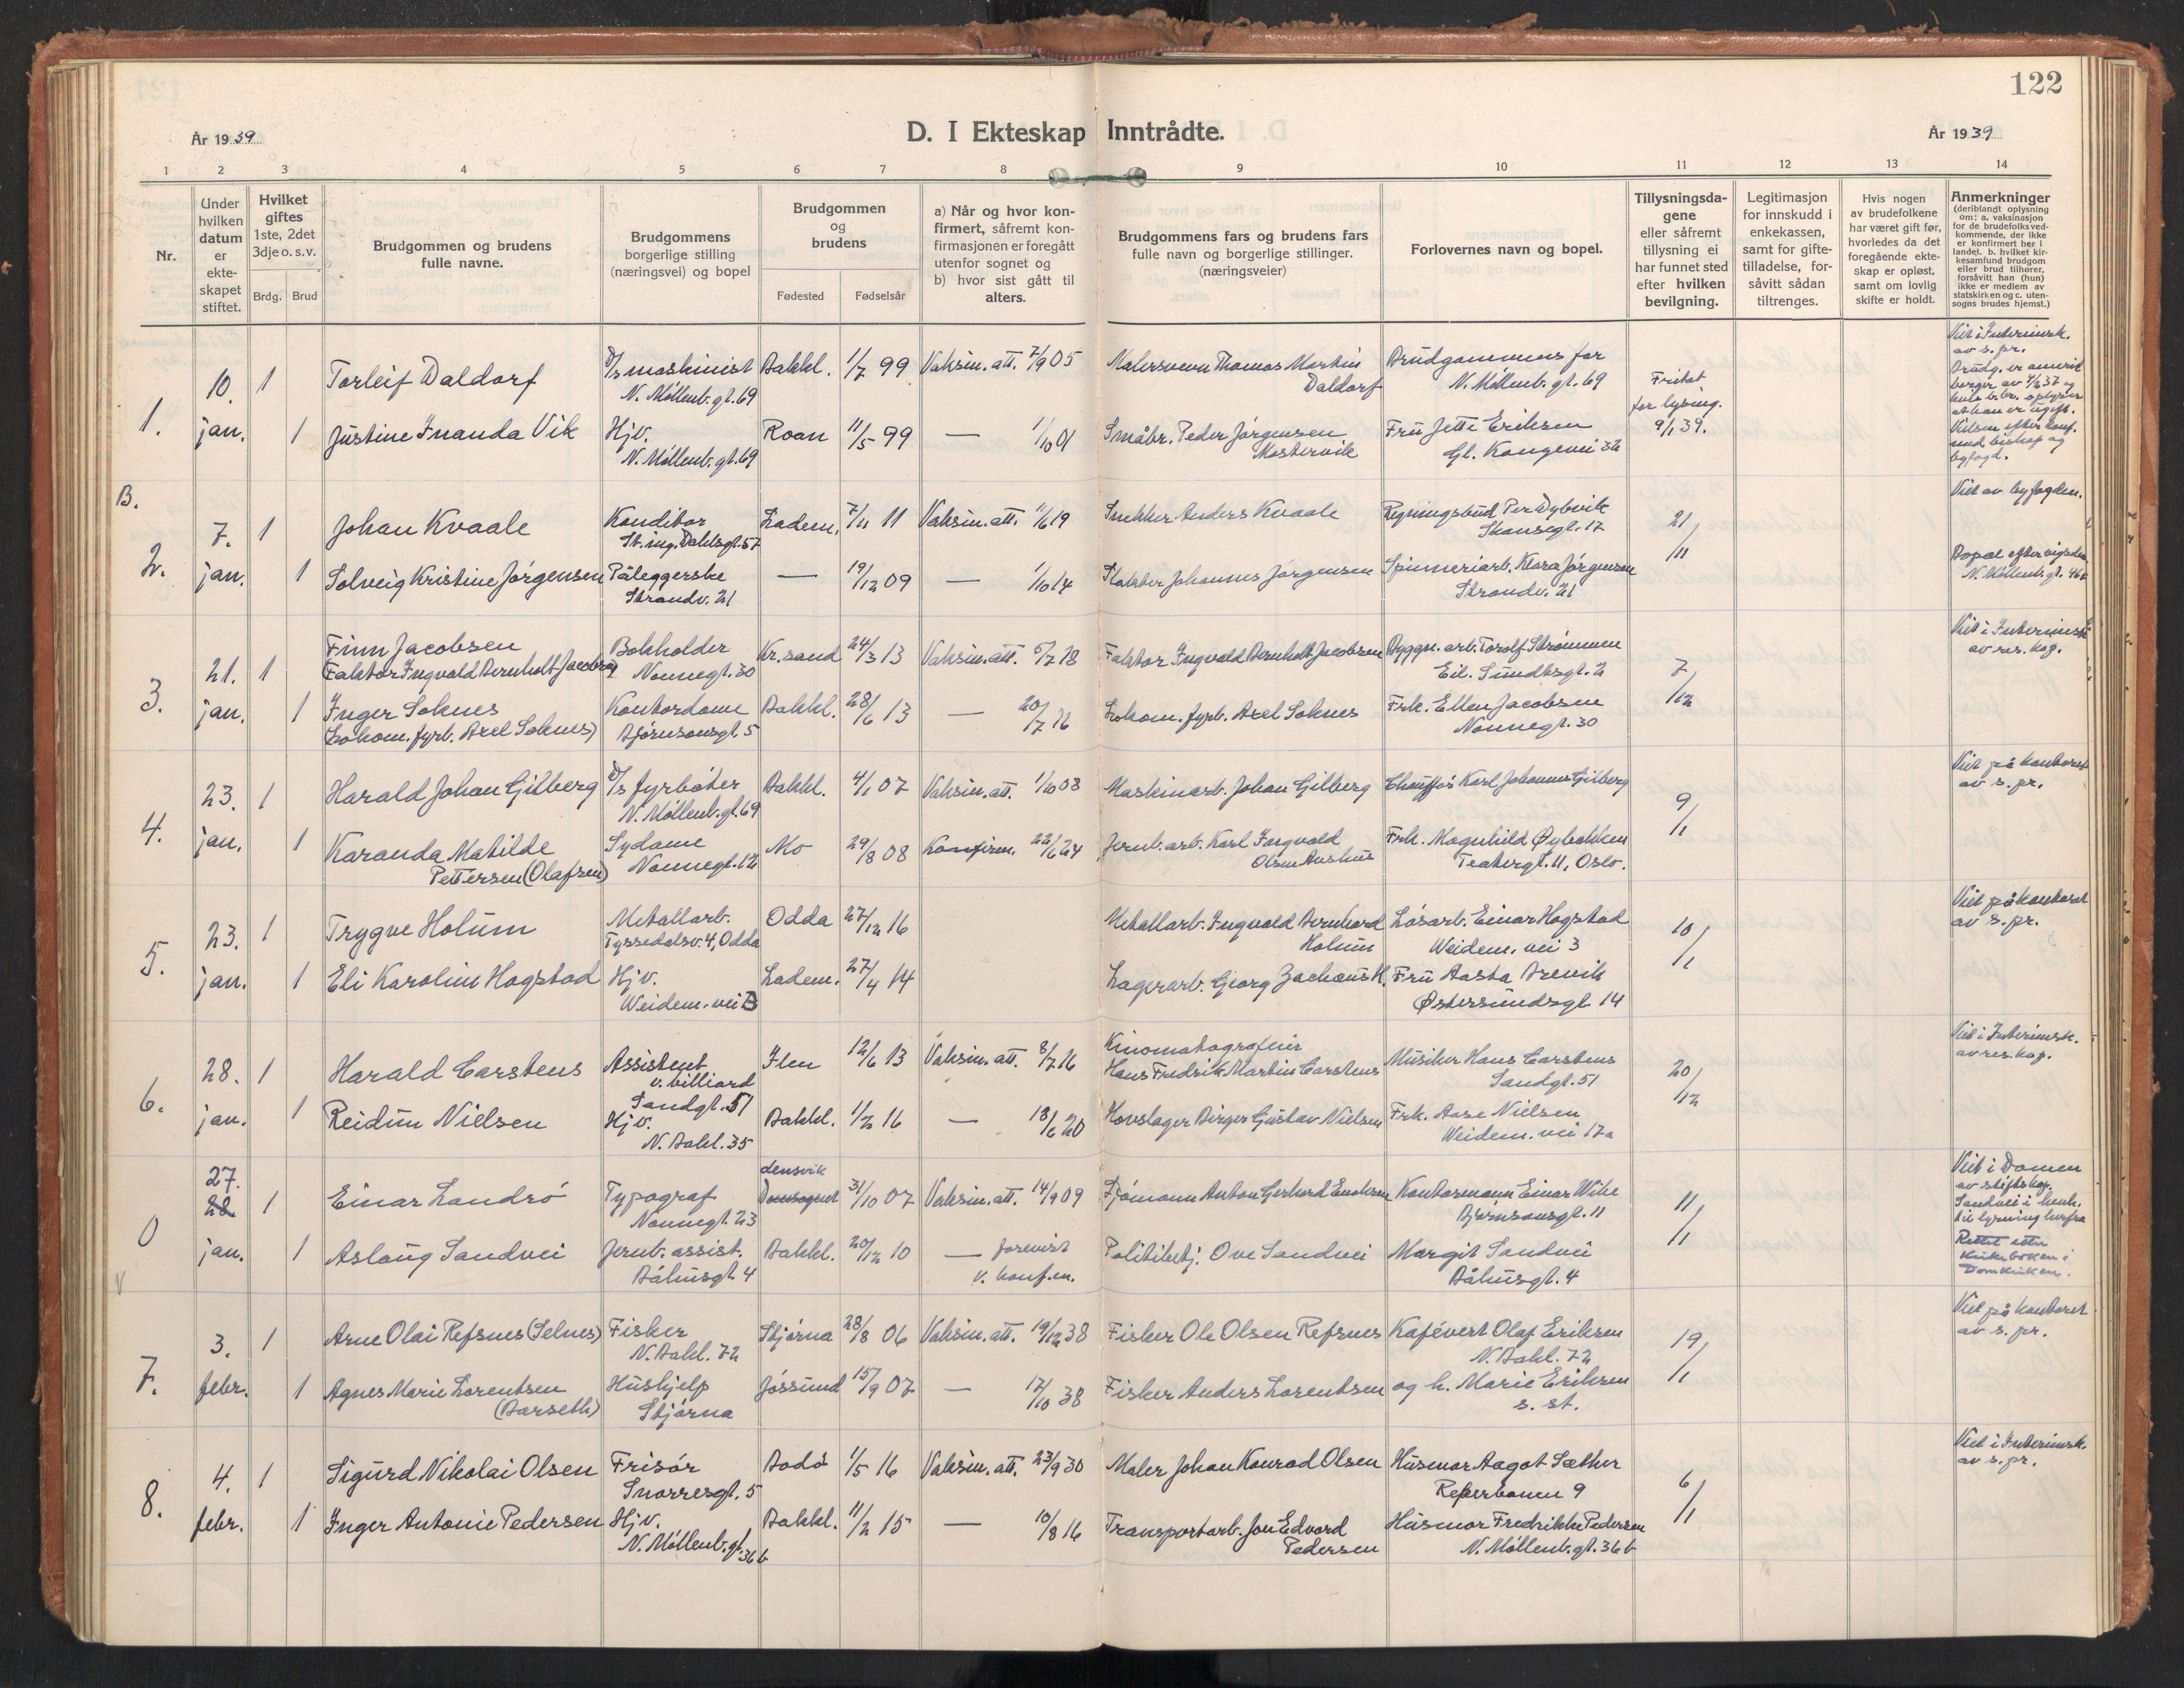 SAT, Ministerialprotokoller, klokkerbøker og fødselsregistre - Sør-Trøndelag, 604/L0209: Ministerialbok nr. 604A29, 1931-1945, s. 122